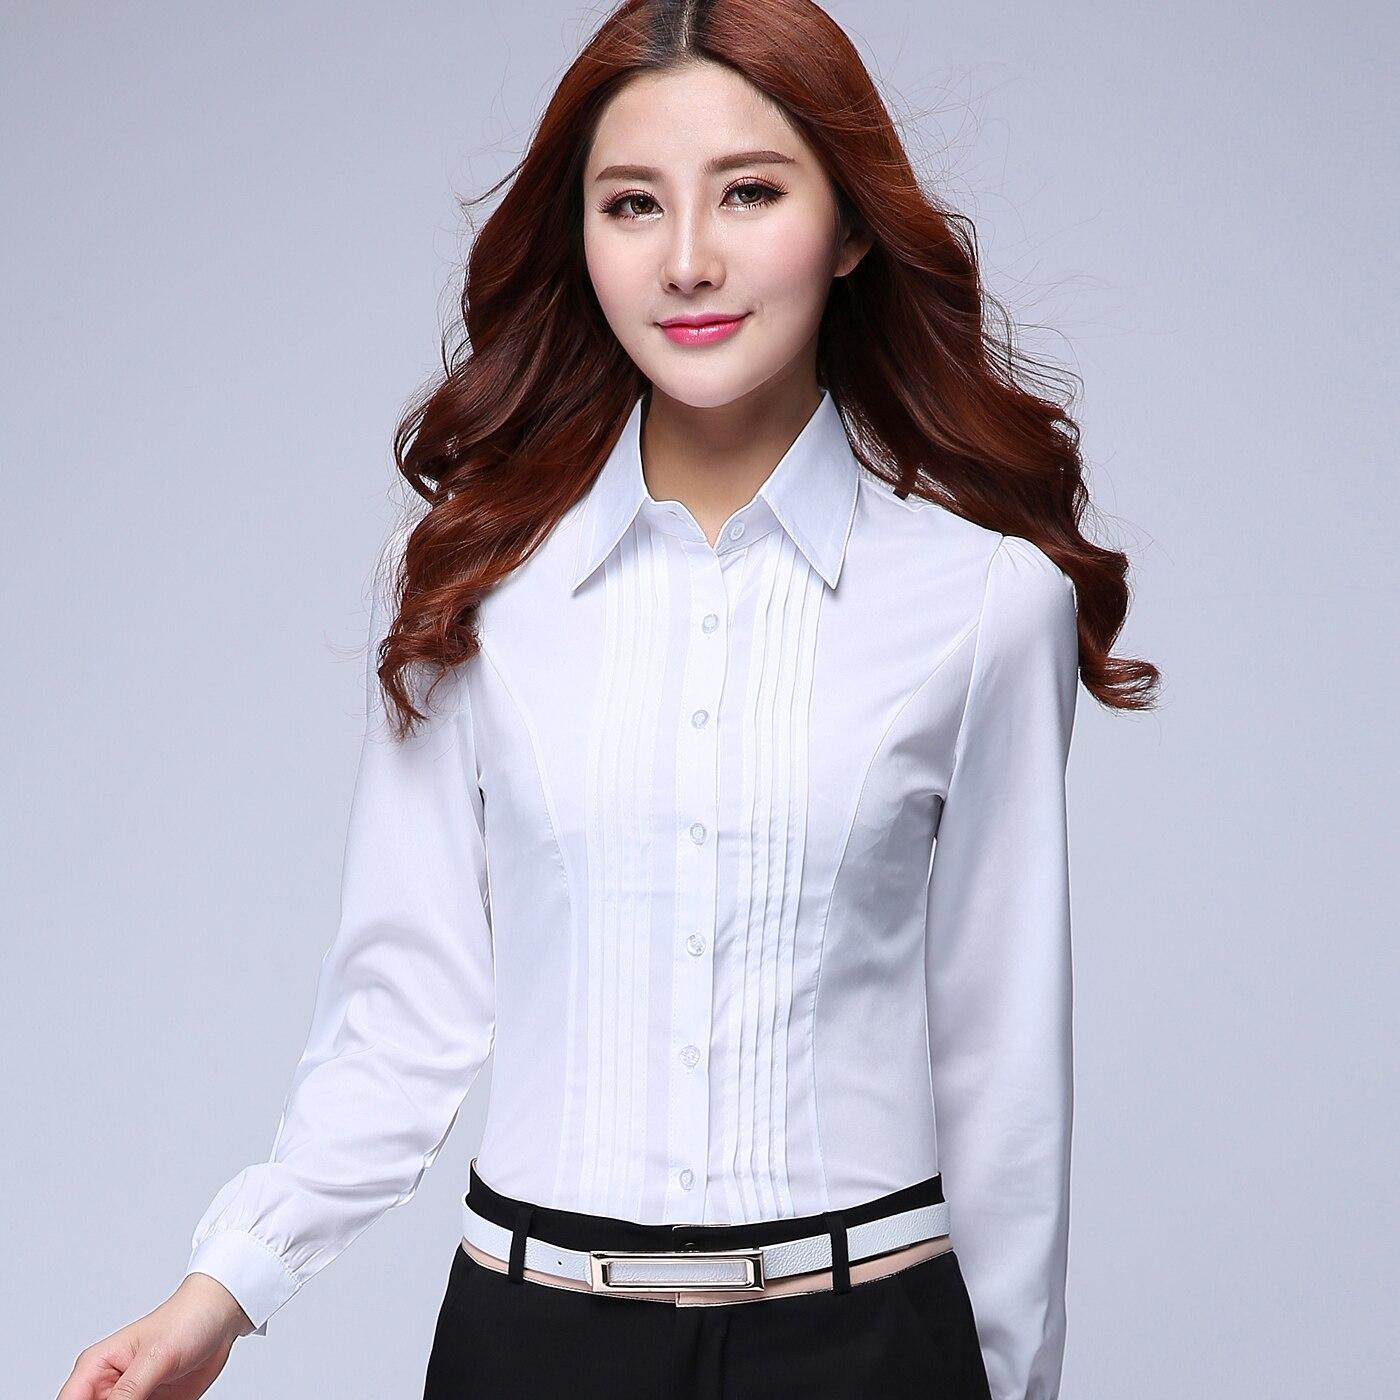 c77af3511 2015 الصيف الإناث طويلة الأكمام قميص ضئيلة قميص العمل الرسمي وزرة ol الأبيض  الملابس الرخيصة الصين النساء